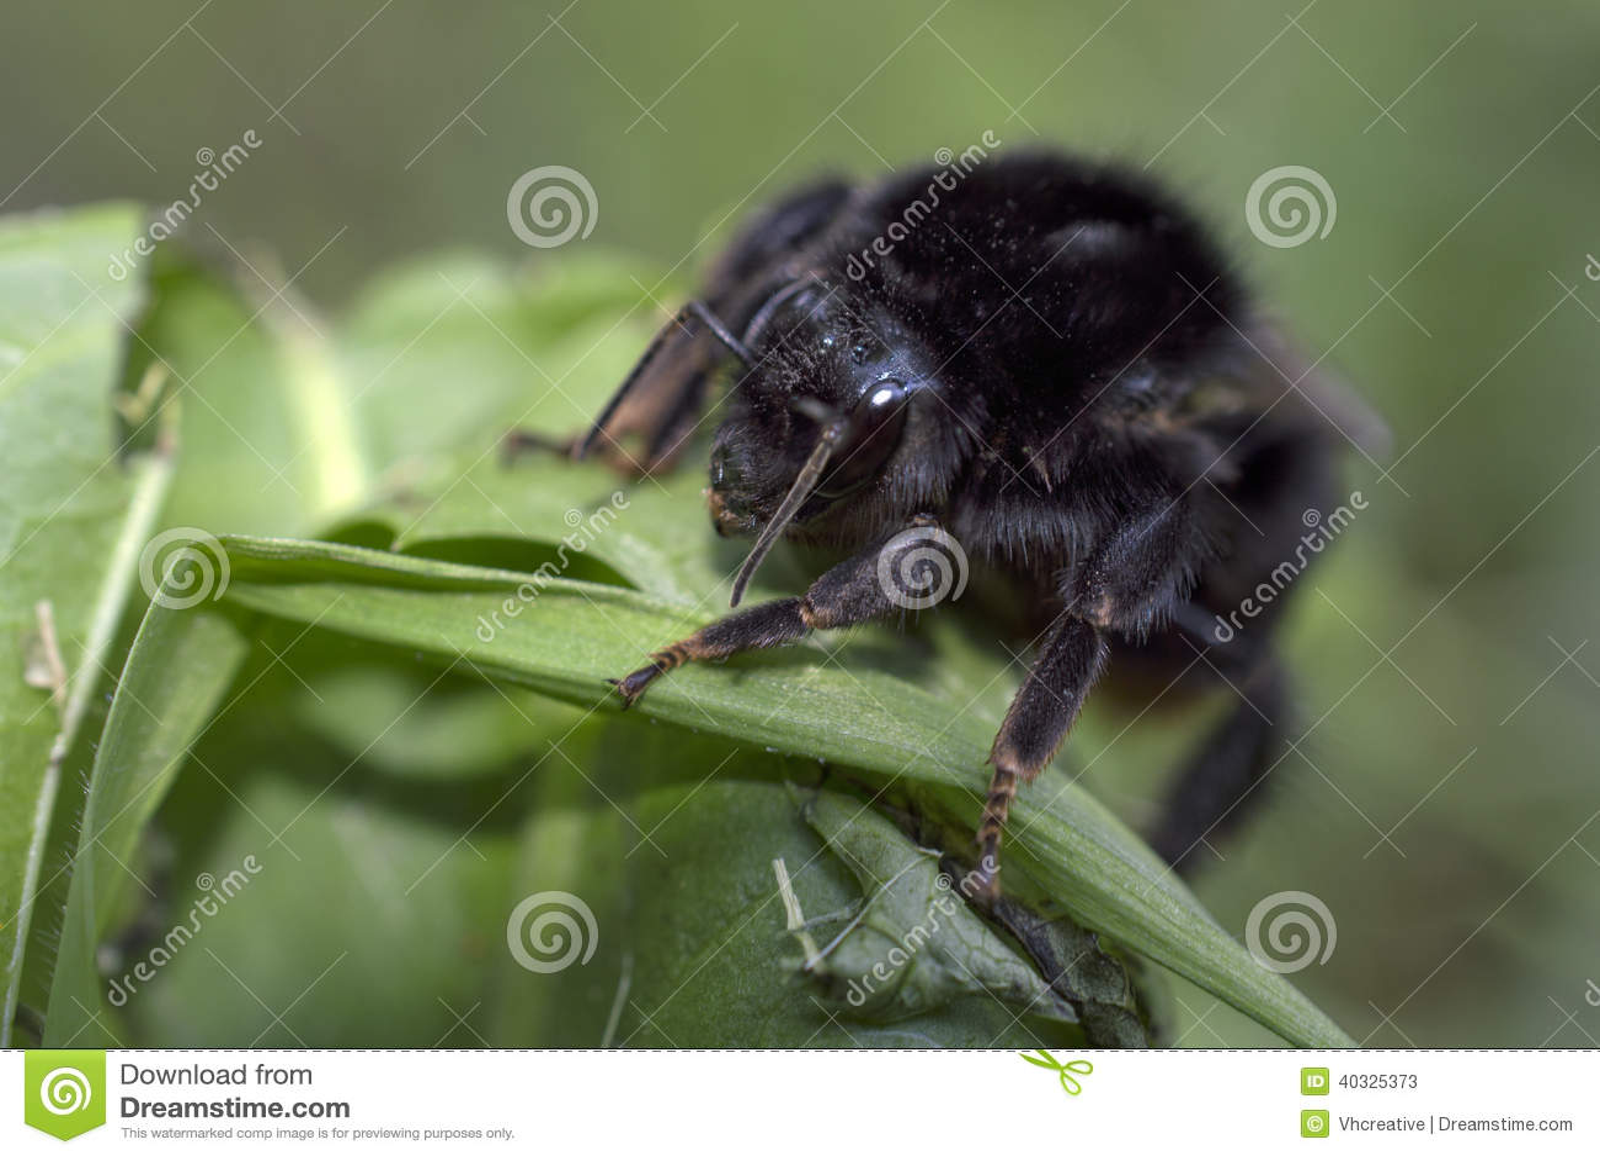 Abejorro Negro En Hierba Verde Imagen de archivo - Imagen de prado ...